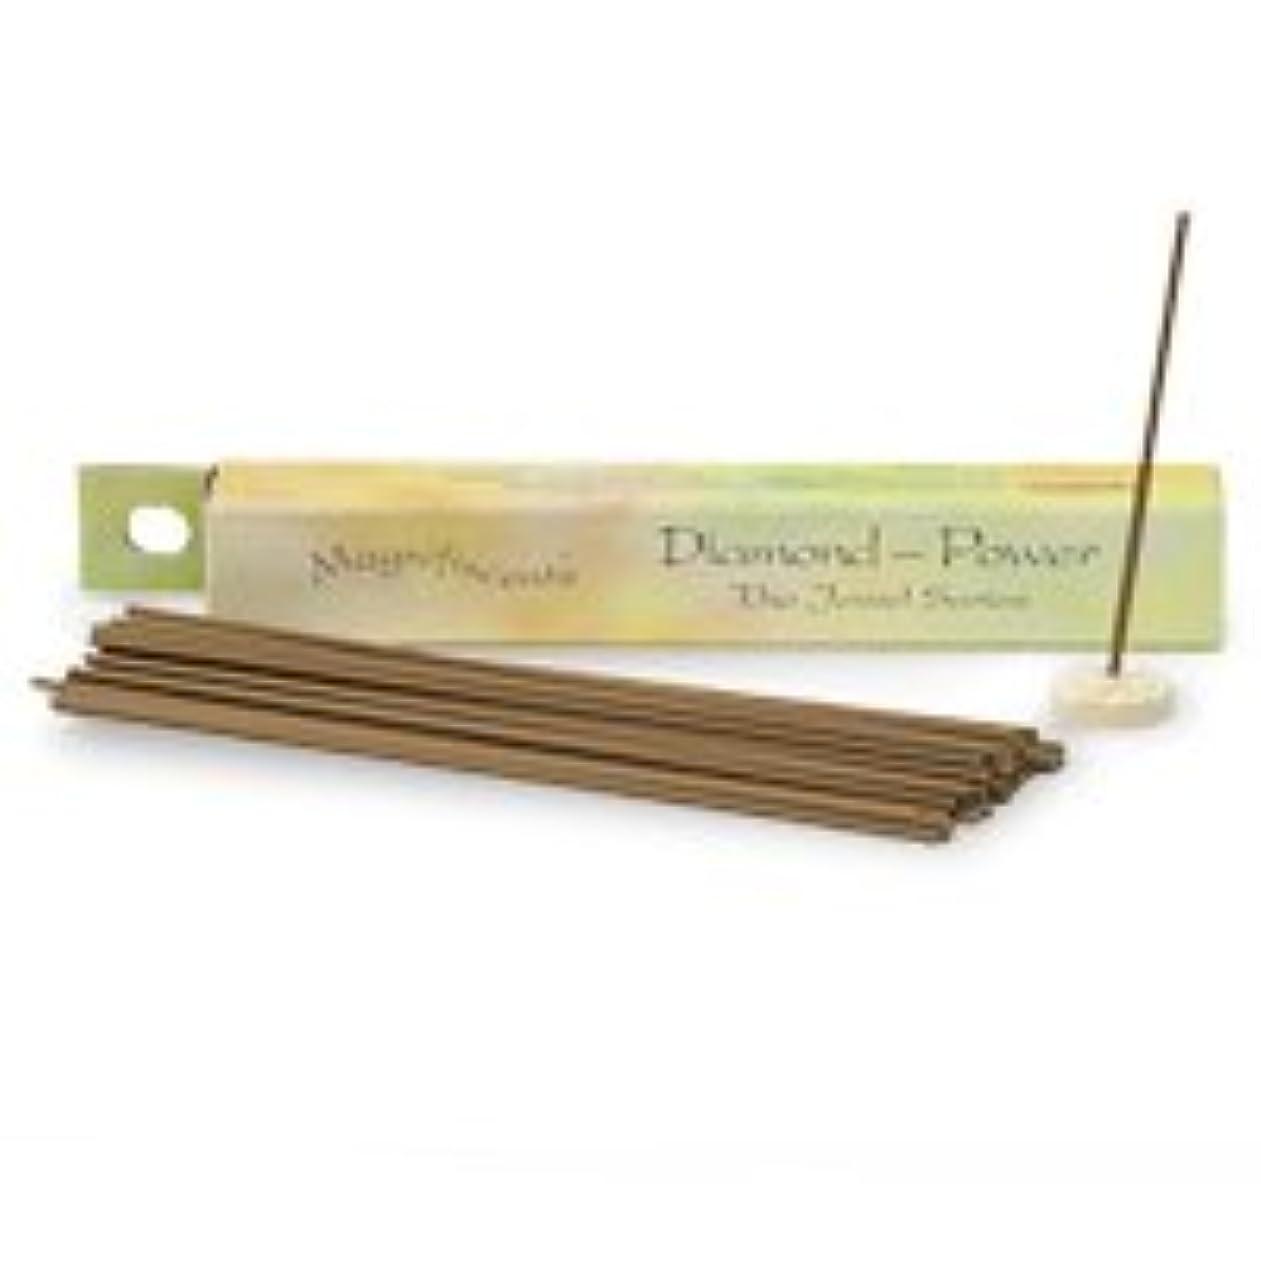 チャンバー破滅とまり木Shoyeido – Magnifiscentsジュエルシリーズ自然Incenseアメジストバランス 30 Stick(s) レッド 20102